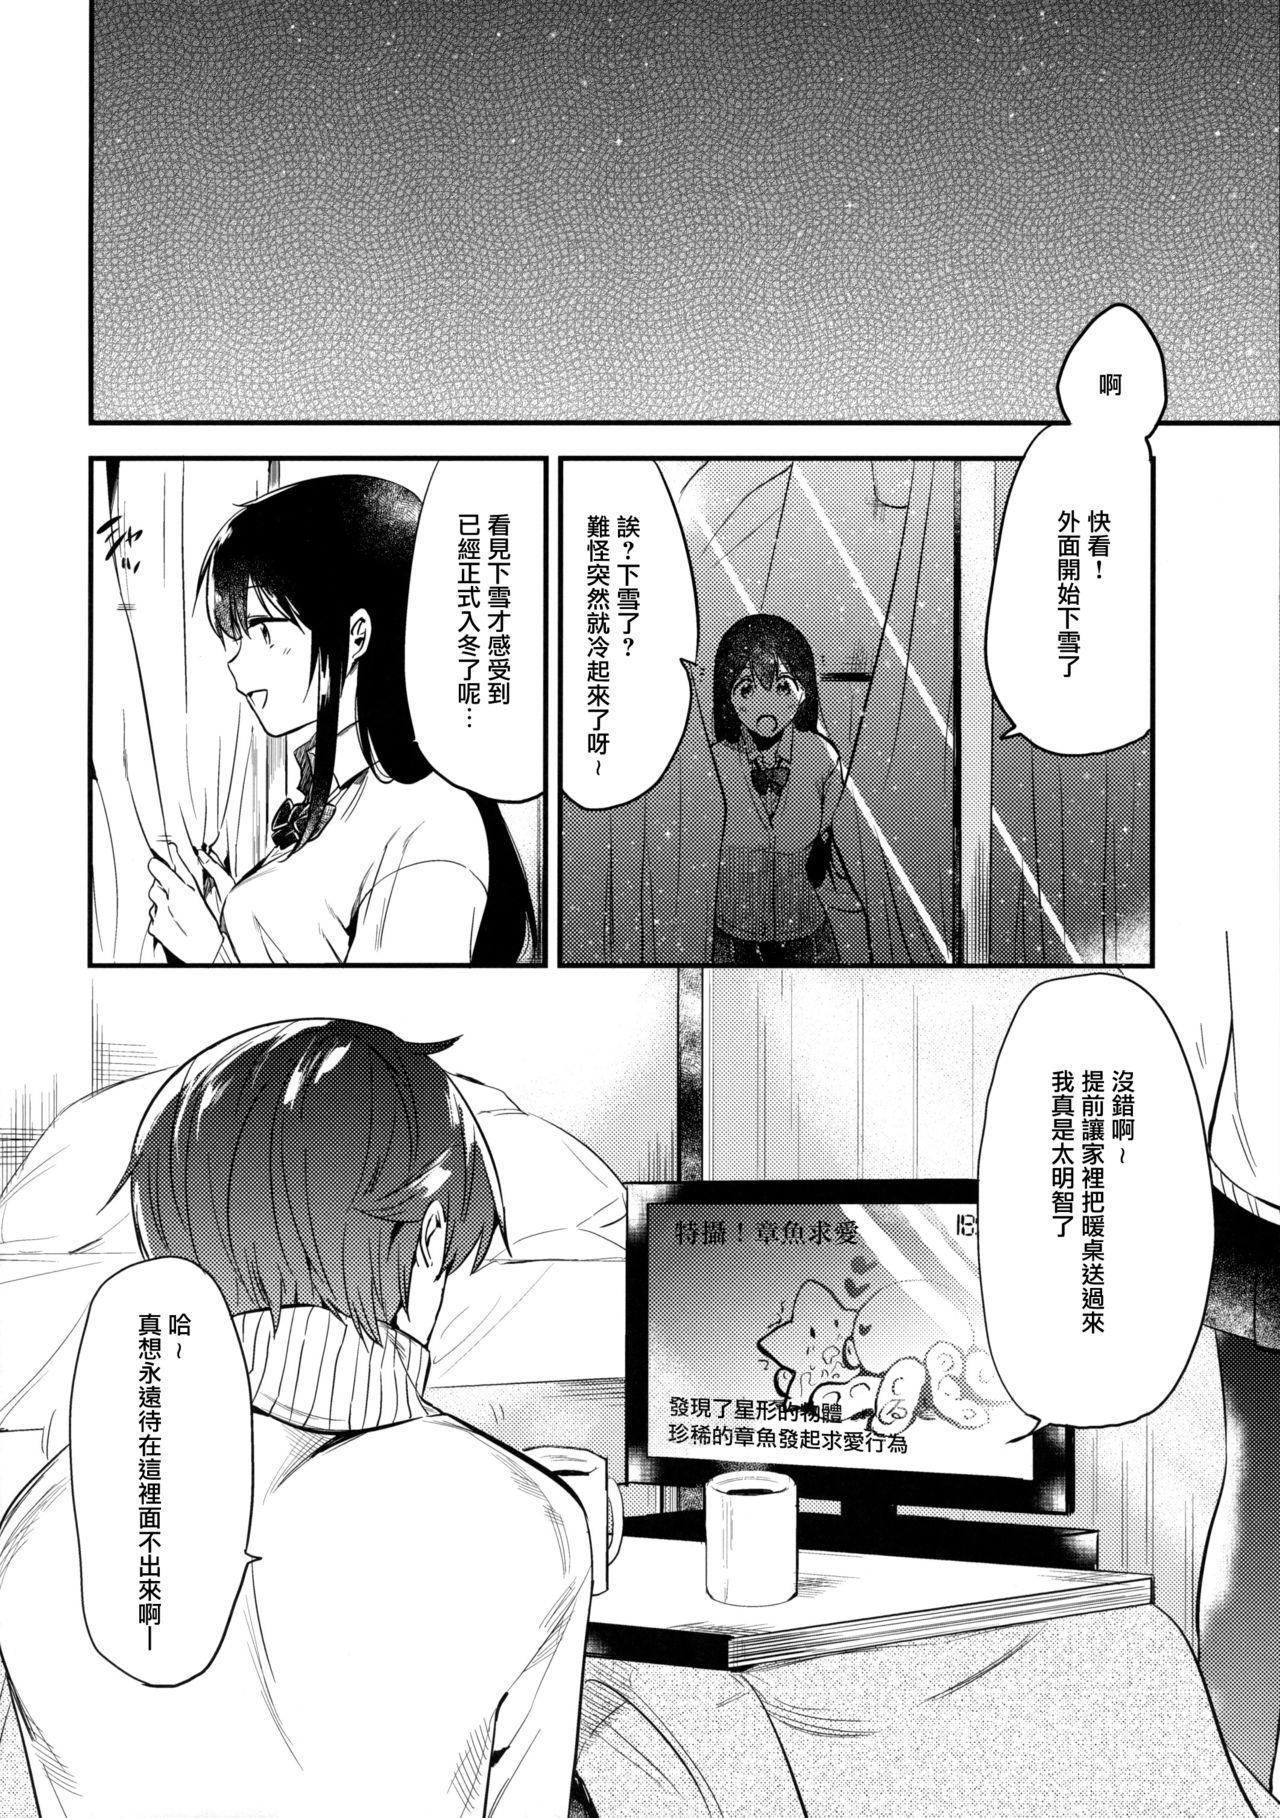 Gohoubi wa Juken no Ato ni 3